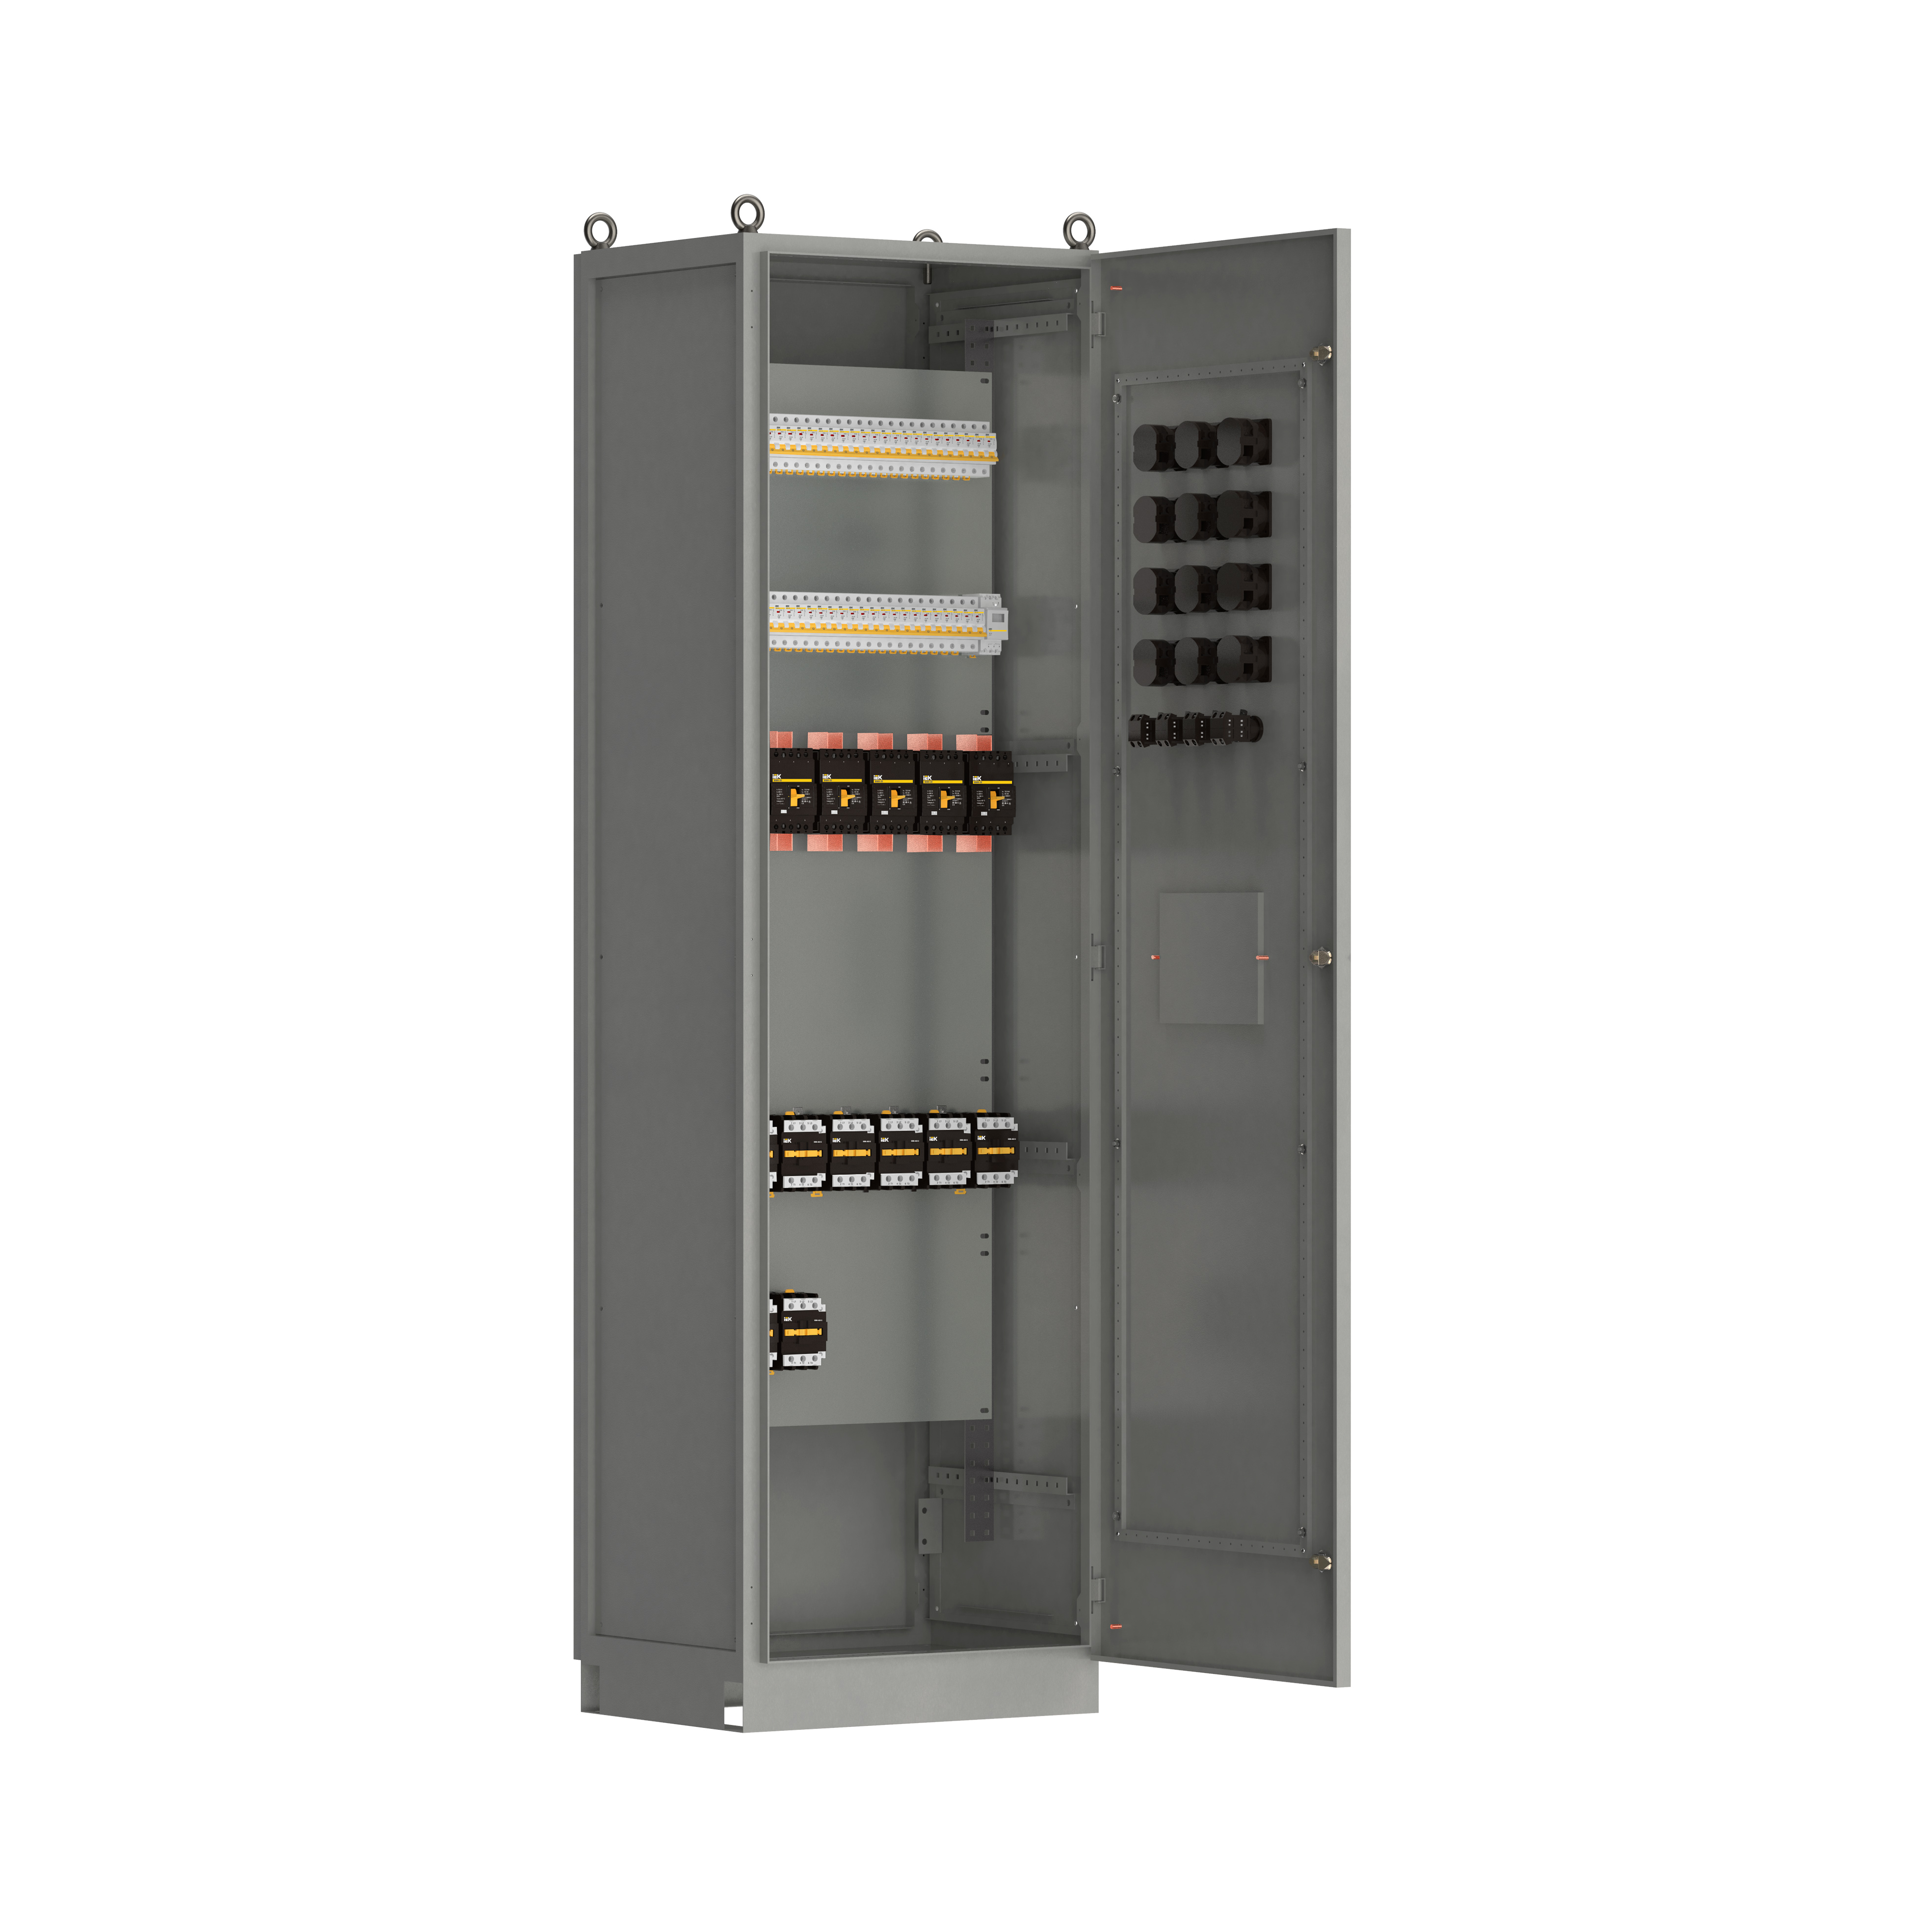 Панель распределительная ВРУ-8503 2Р-110-30 выключатели автоматические 3Р 3х125А 1Р 24х63А IEK